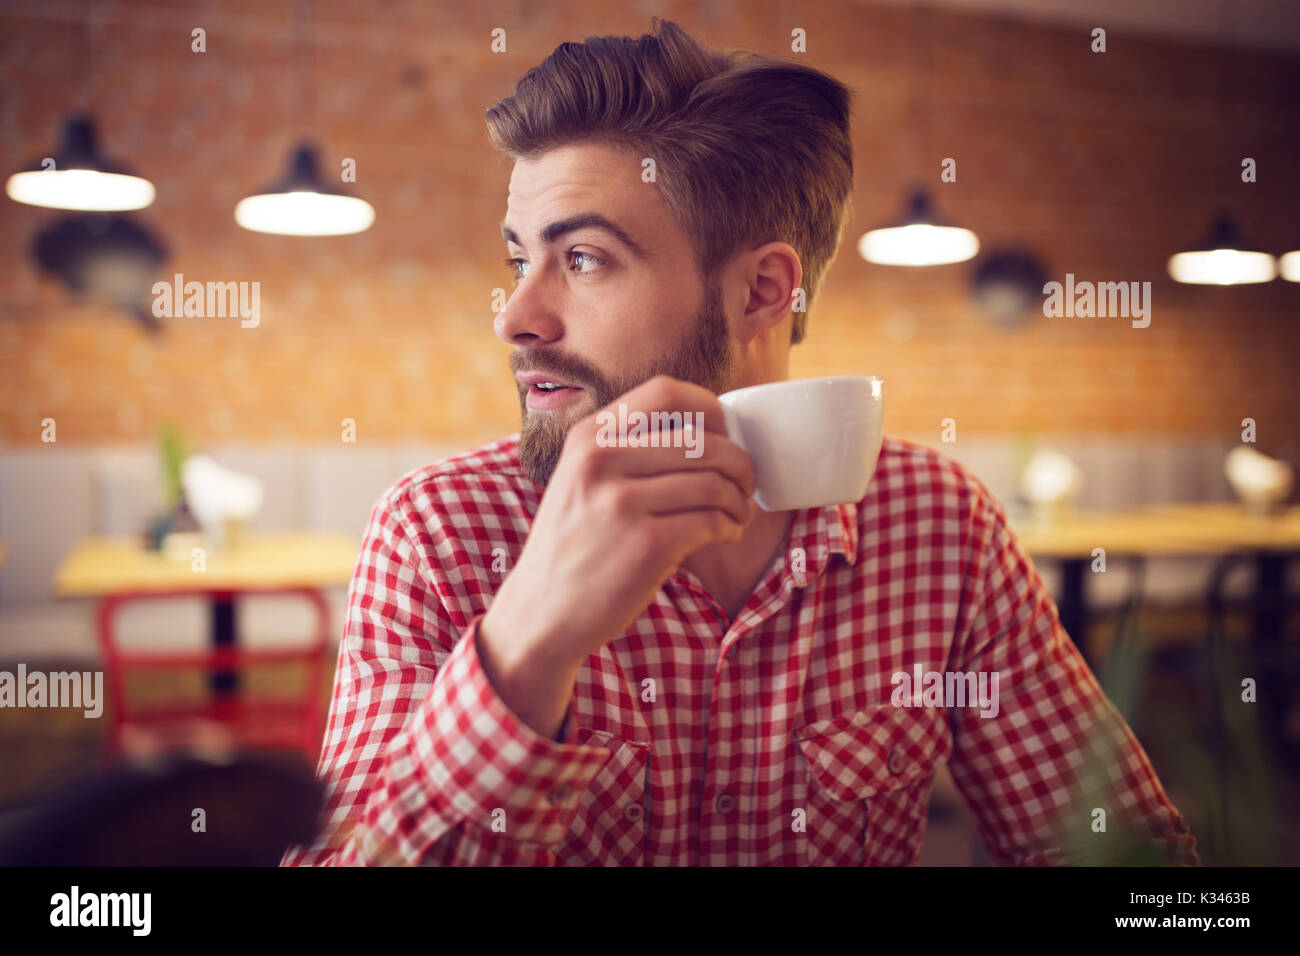 Ein Foto des jungen Mannes in kariertes Hemd sitzt im Cafe bei einer Tasse Kaffee in der Hand. Stockbild